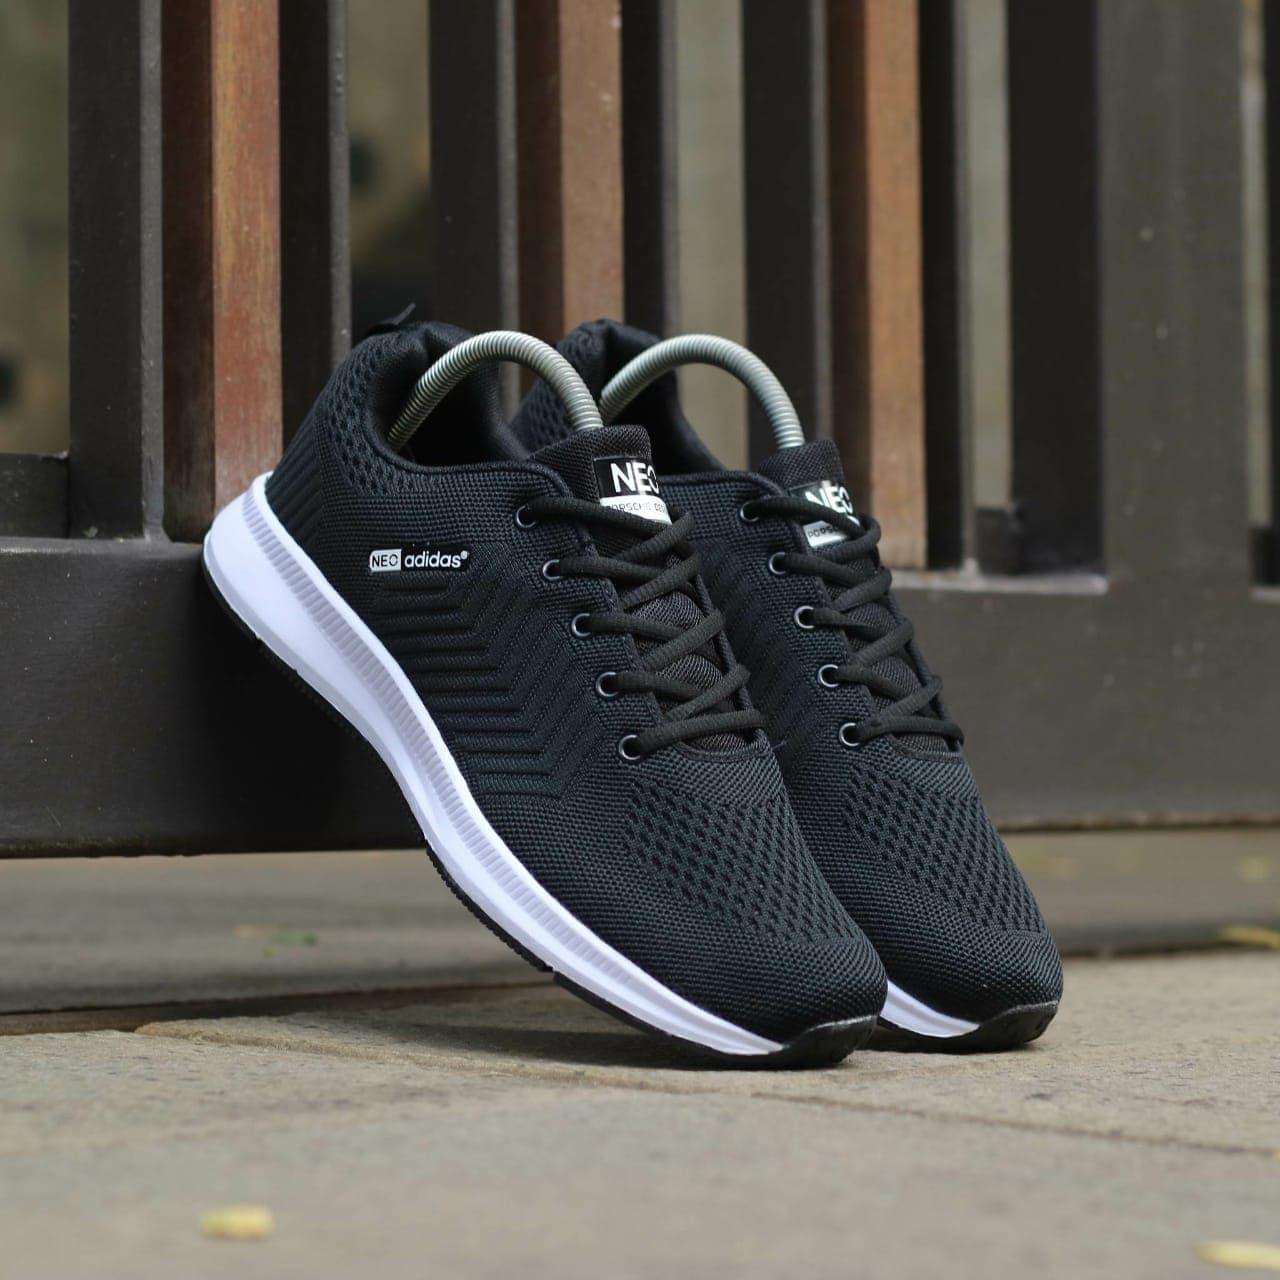 ... Sepatu Adidas Neo Import. Sepatu Pria. Sepatu Sport. Sneakers Adidas -  Hitam Putih a22e468e6c